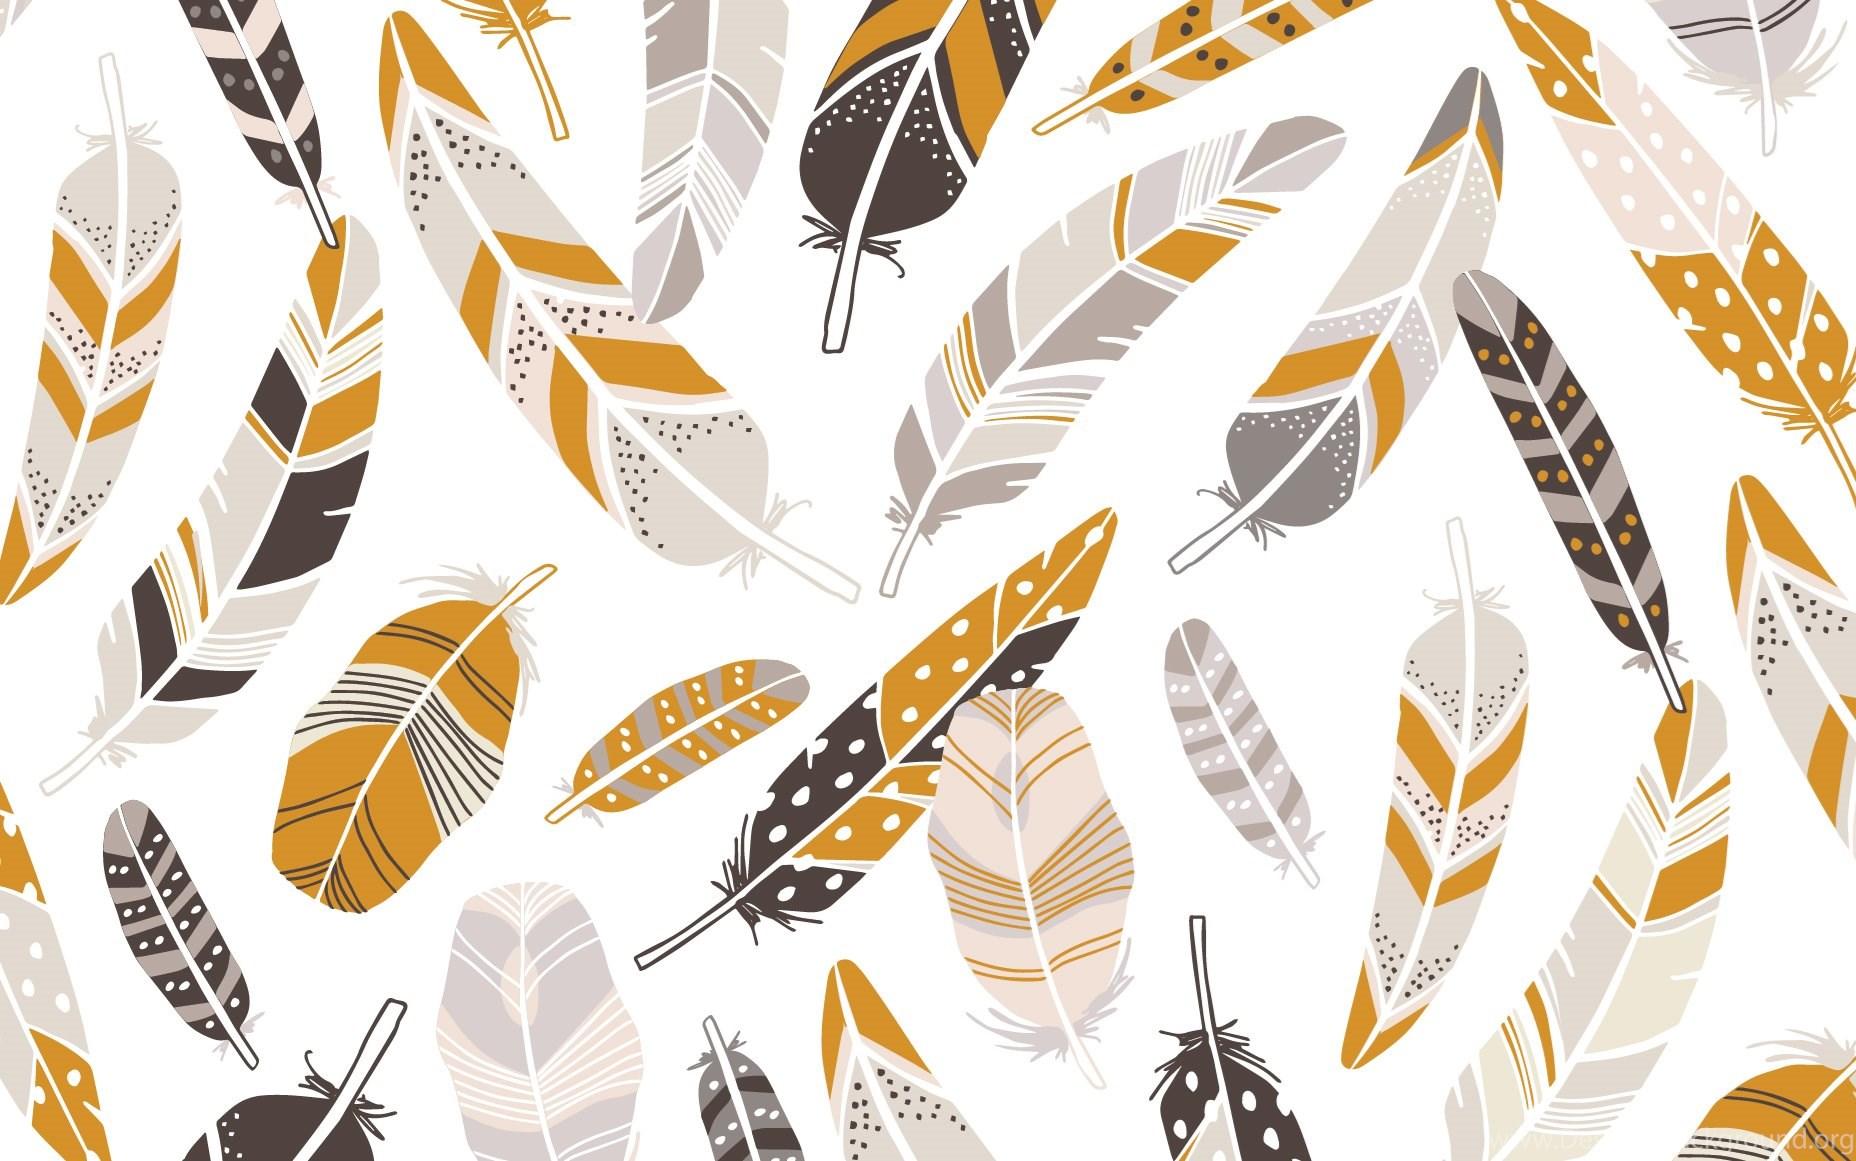 Desktop Backgrounds Tumblr HD Wallpapers Desktop Wallpapers